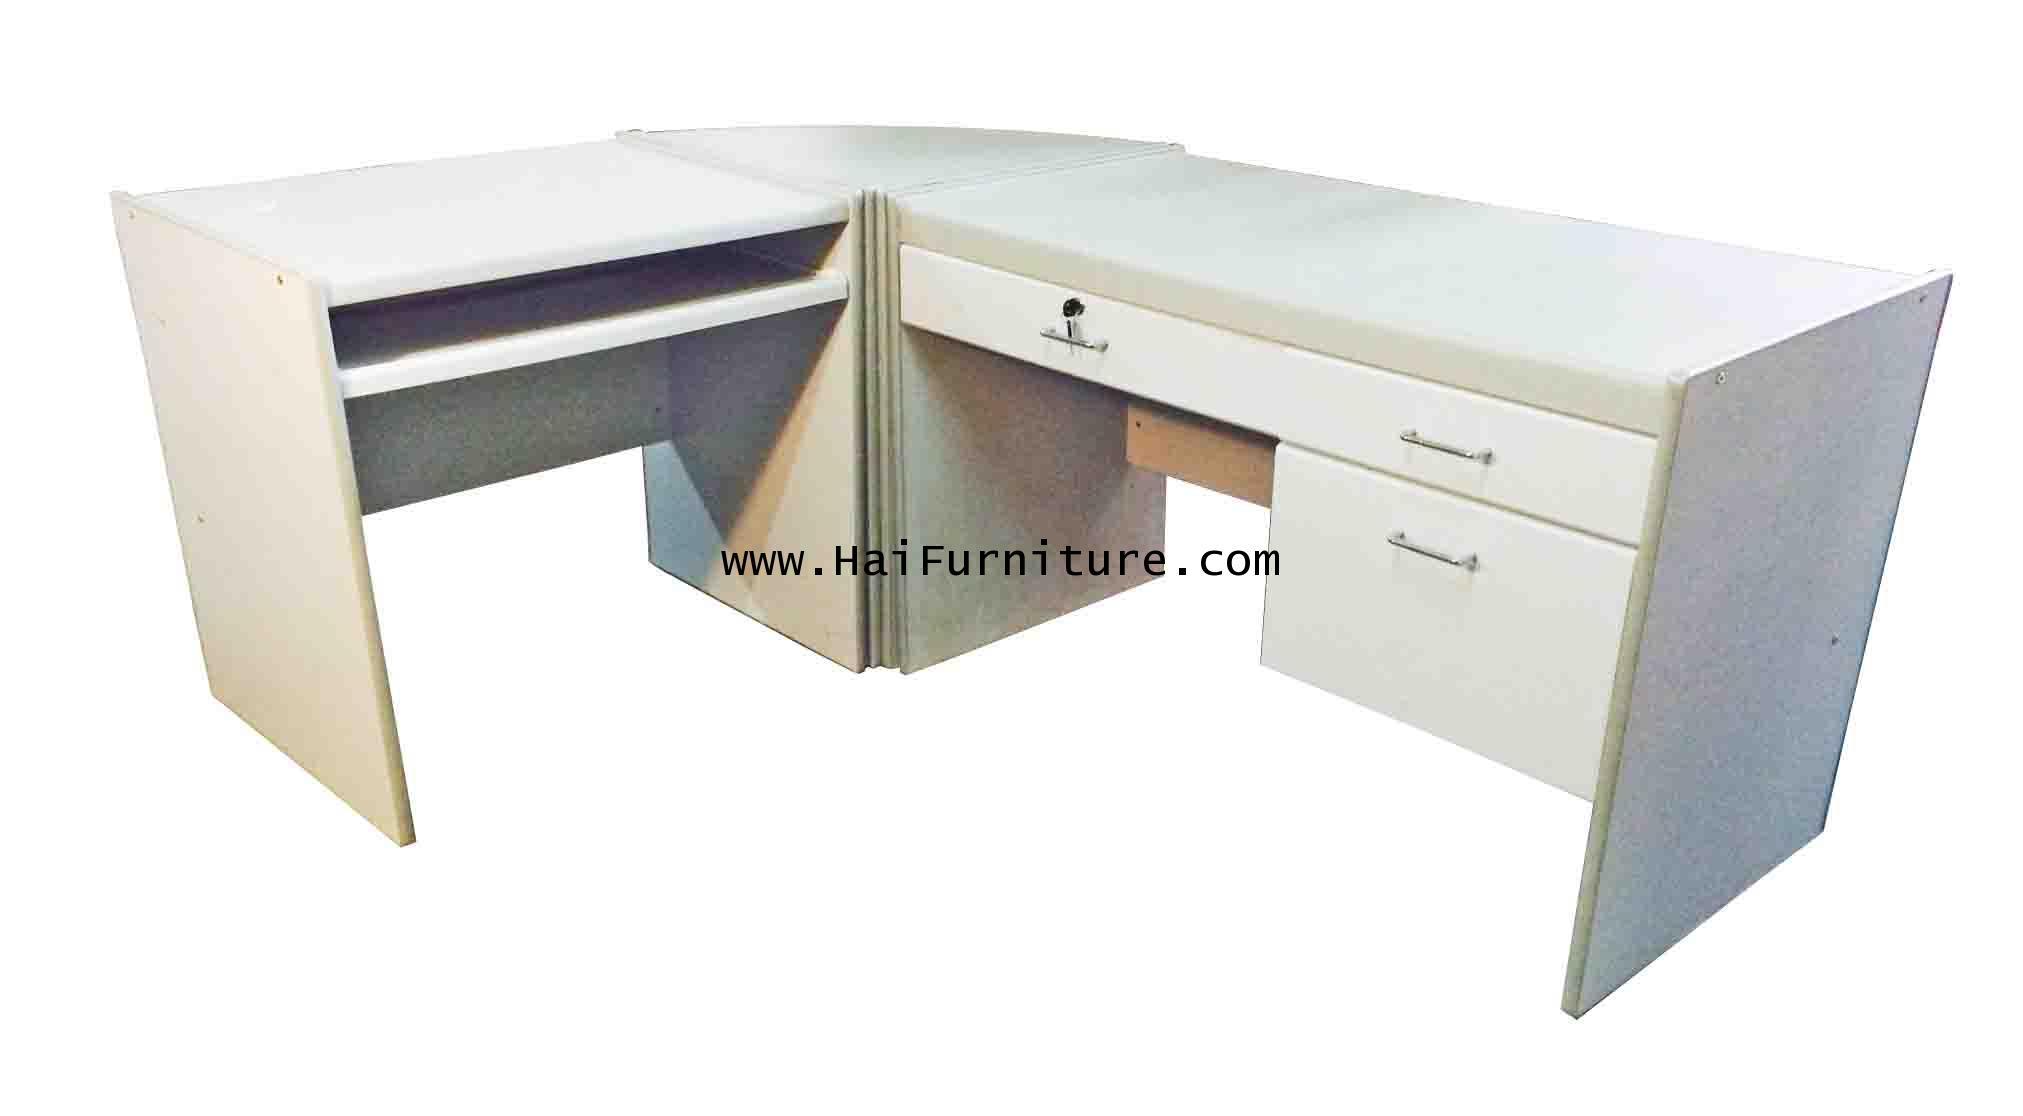 ชุดโต๊ะทำงาน 3 ชิ้น หน้า PVC สีทรายเทา